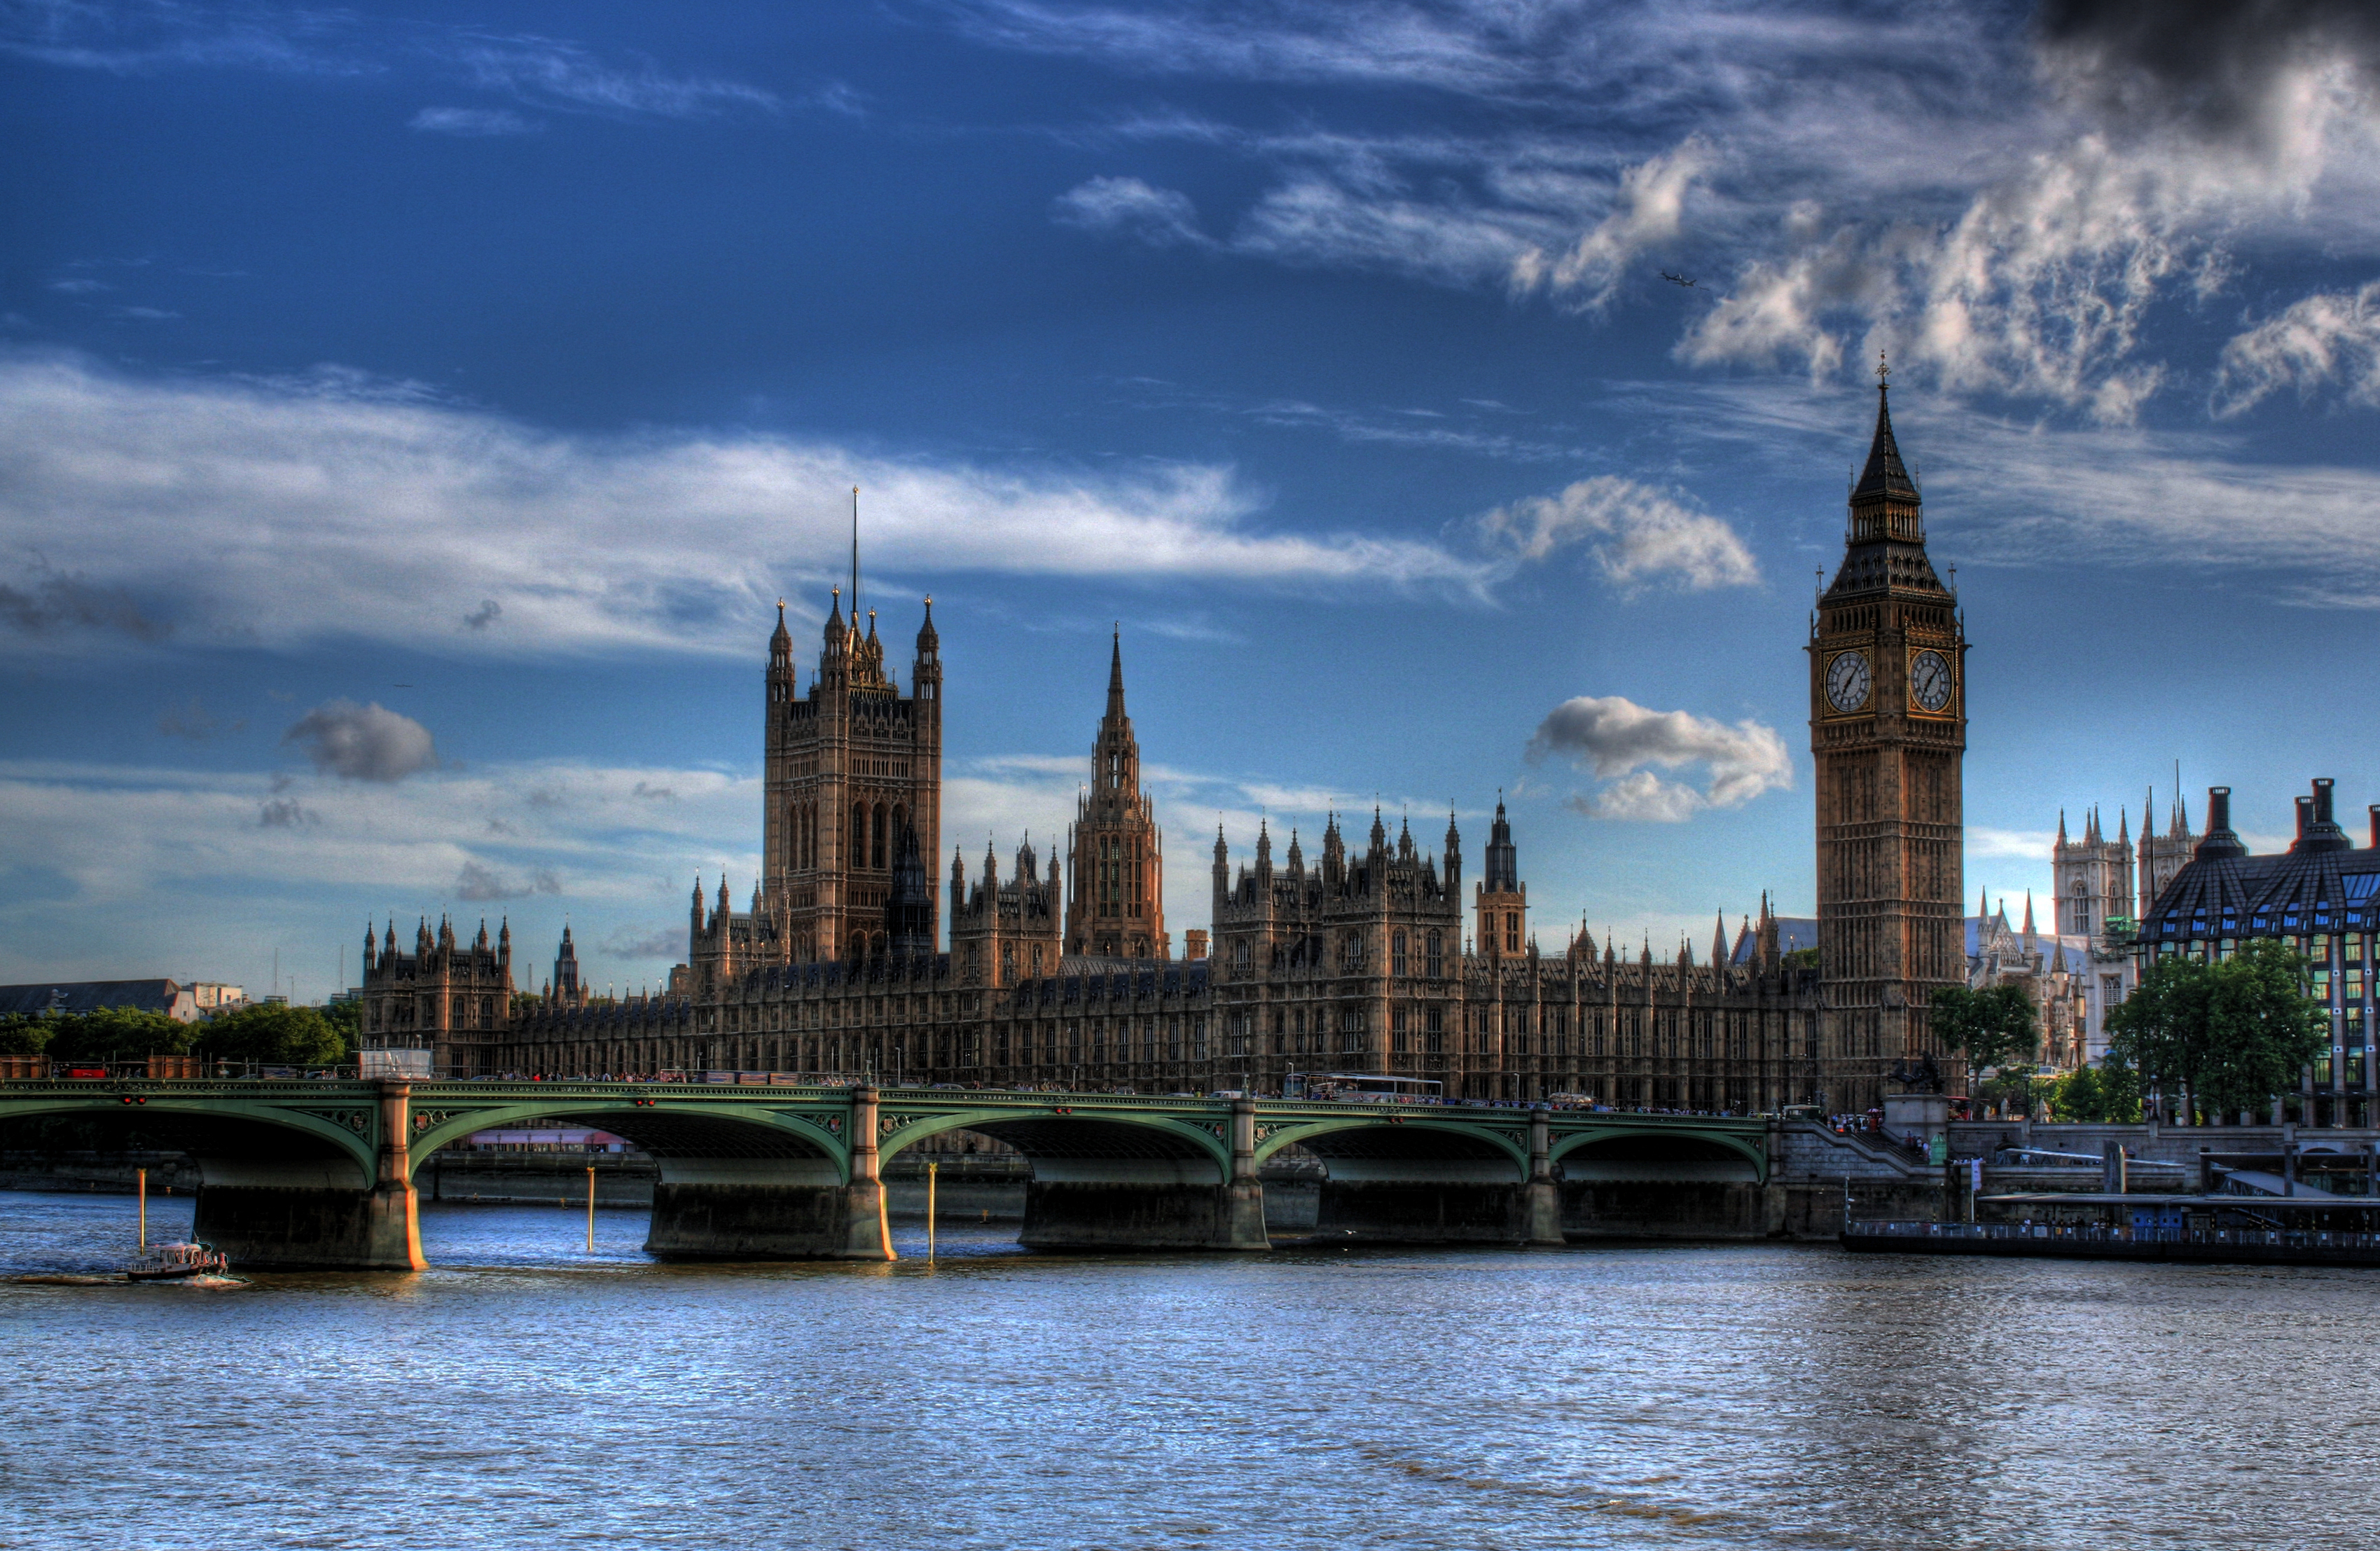 Hdr_parliament.jpg